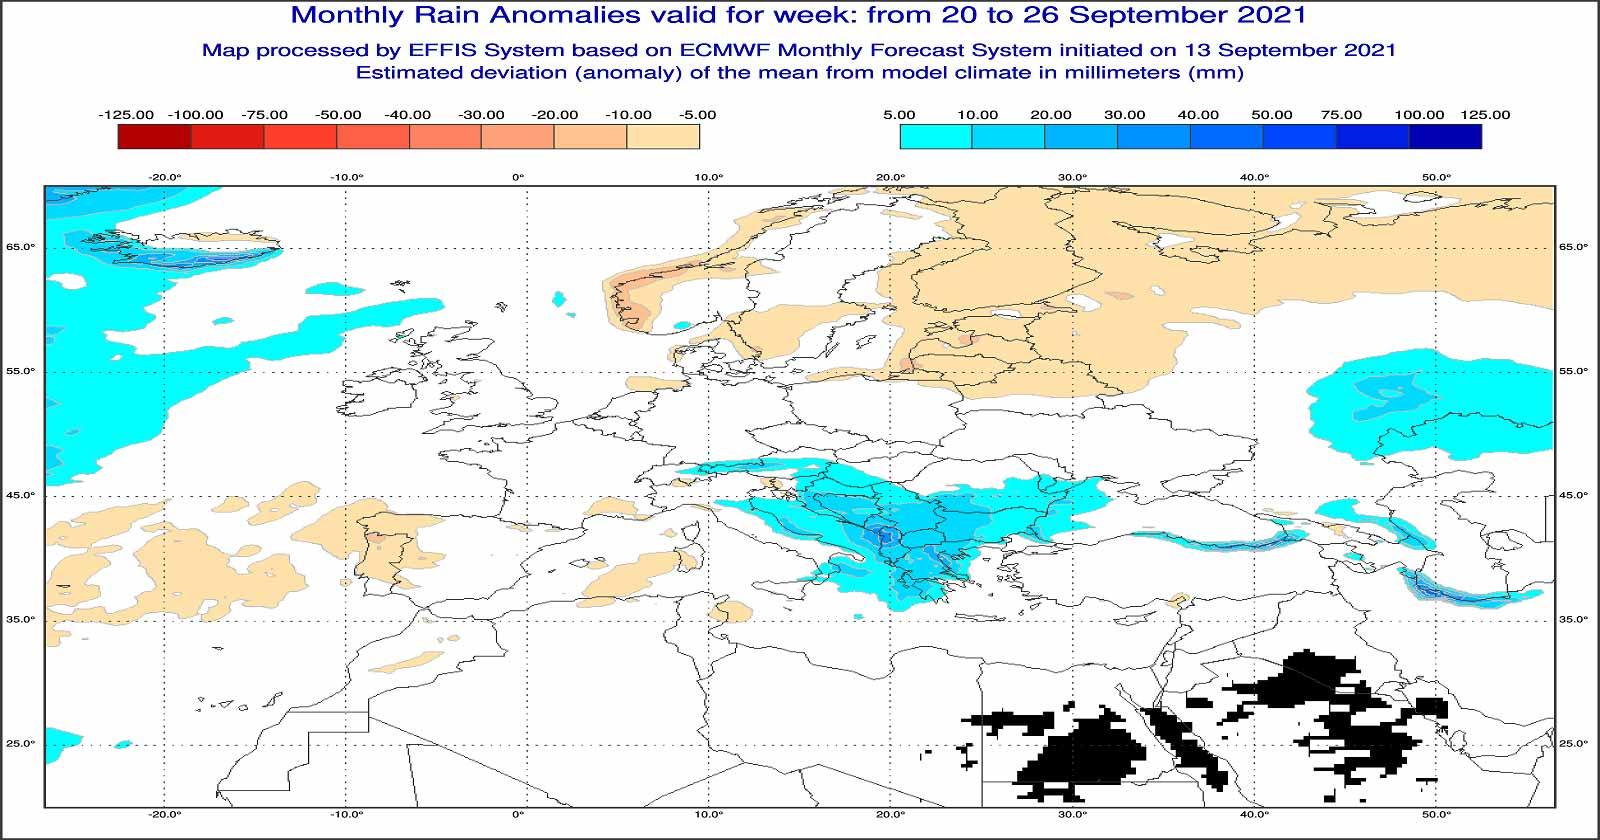 Anomalie di temperatura previste tra il 20 e il 26 di settembre - effis.jrc.ec.europa.eu